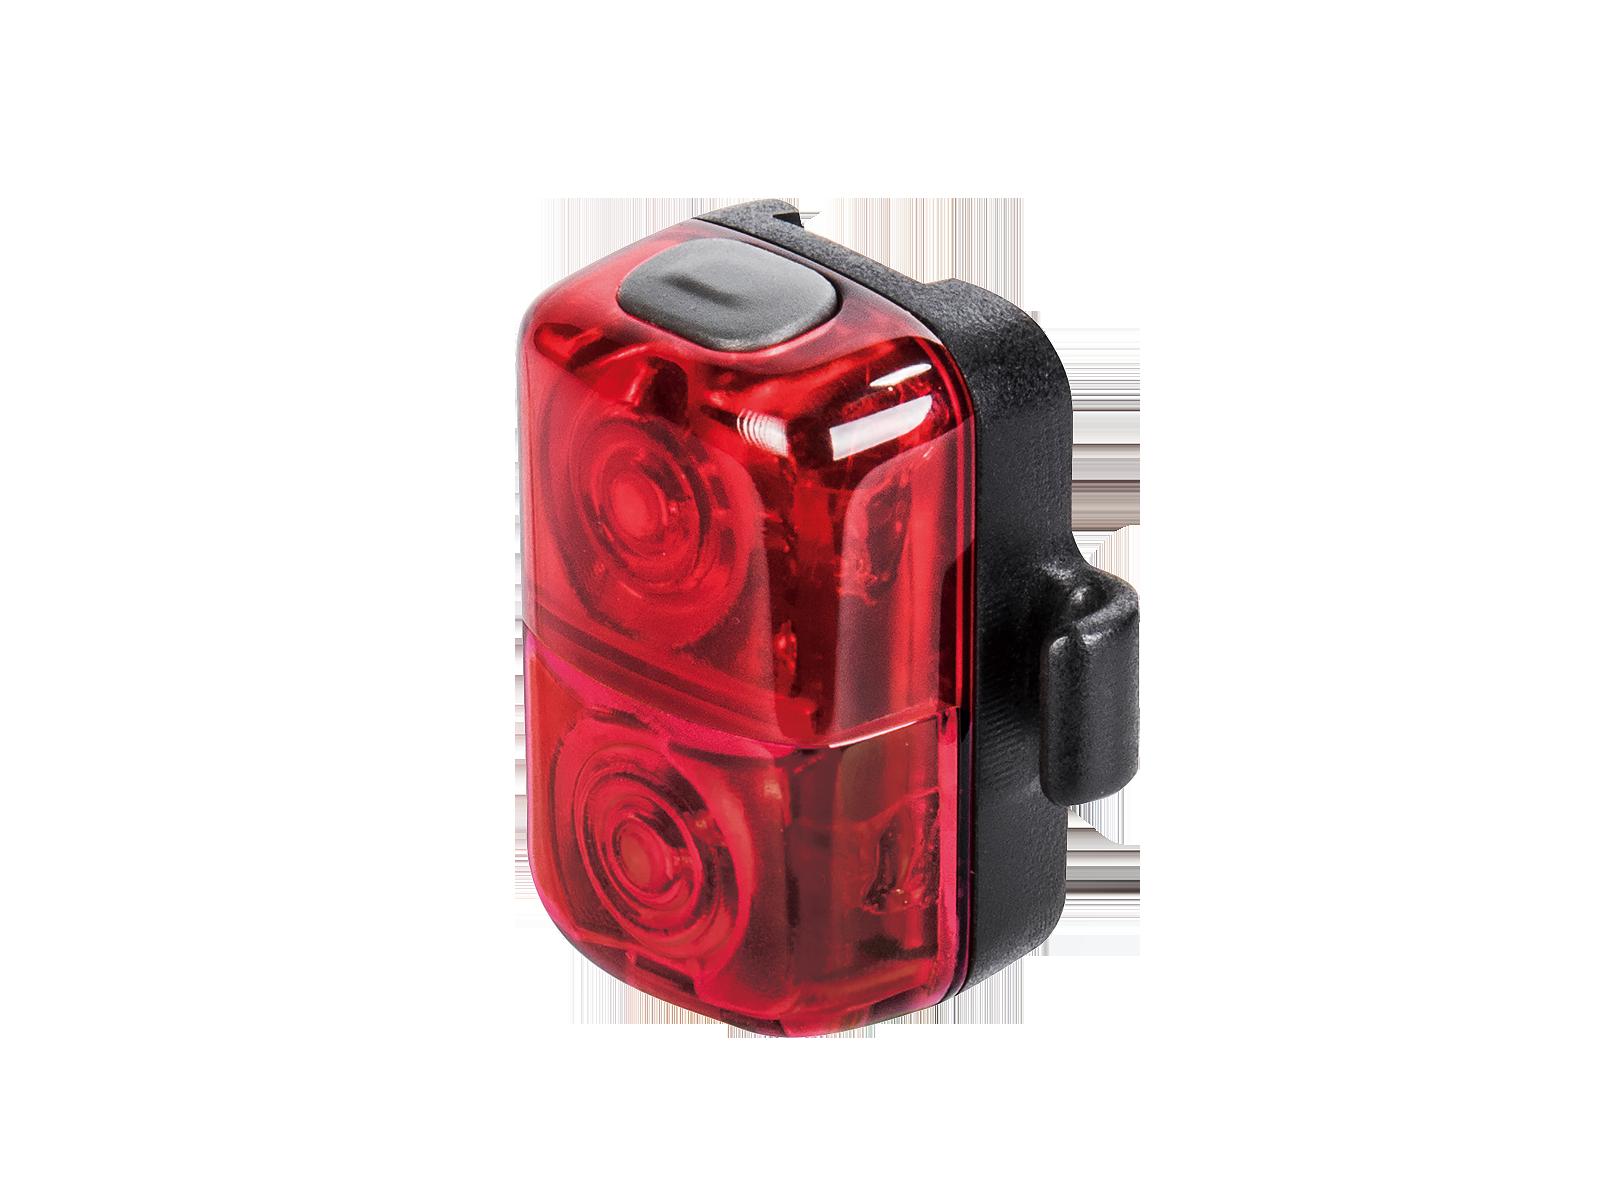 TAILLUX 30 USB | Topeak